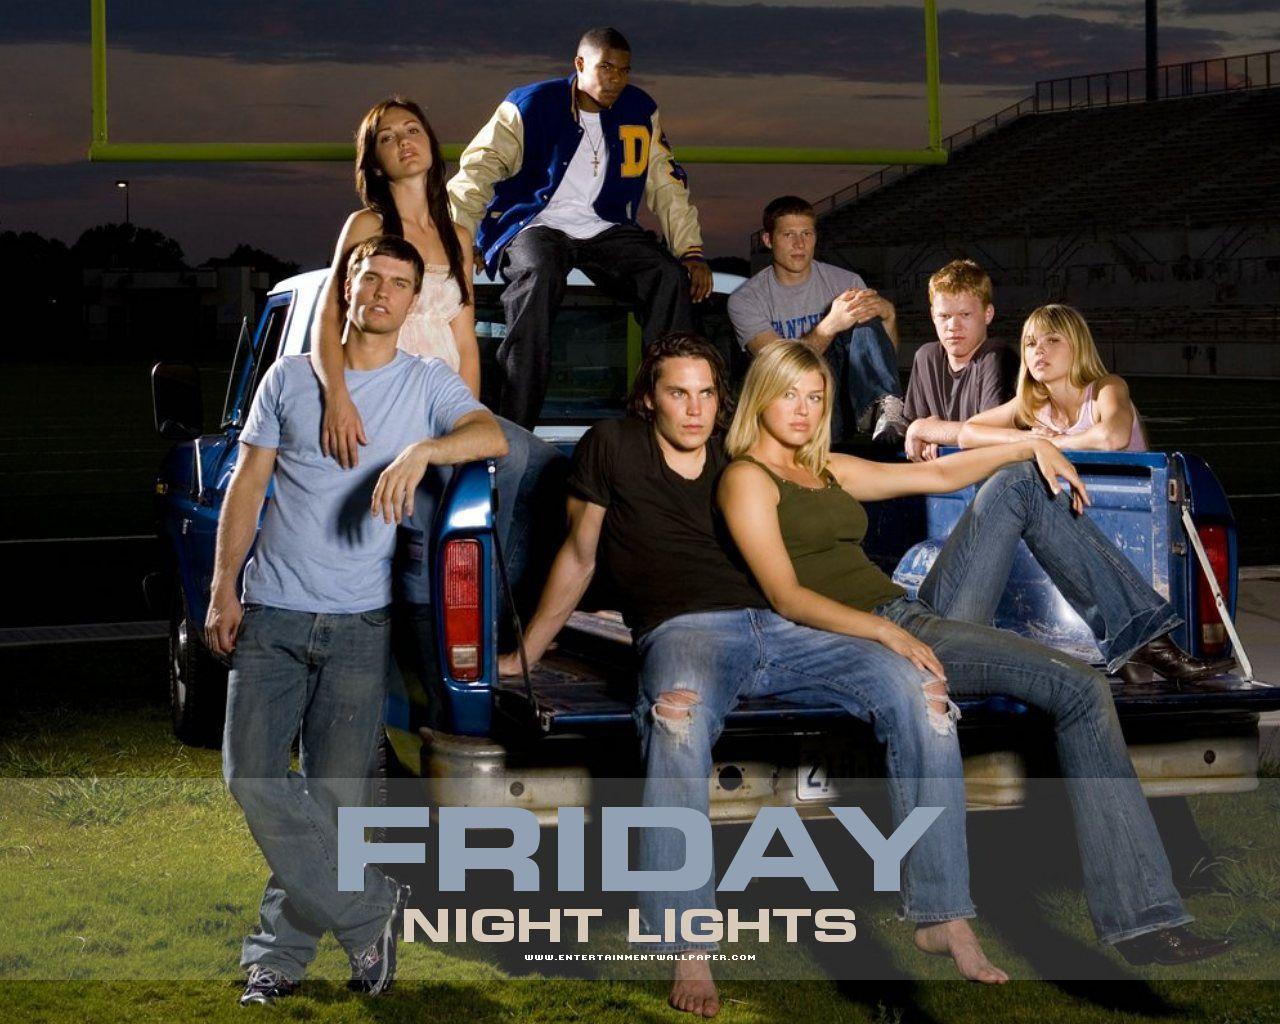 Lovely Friday Night Lights